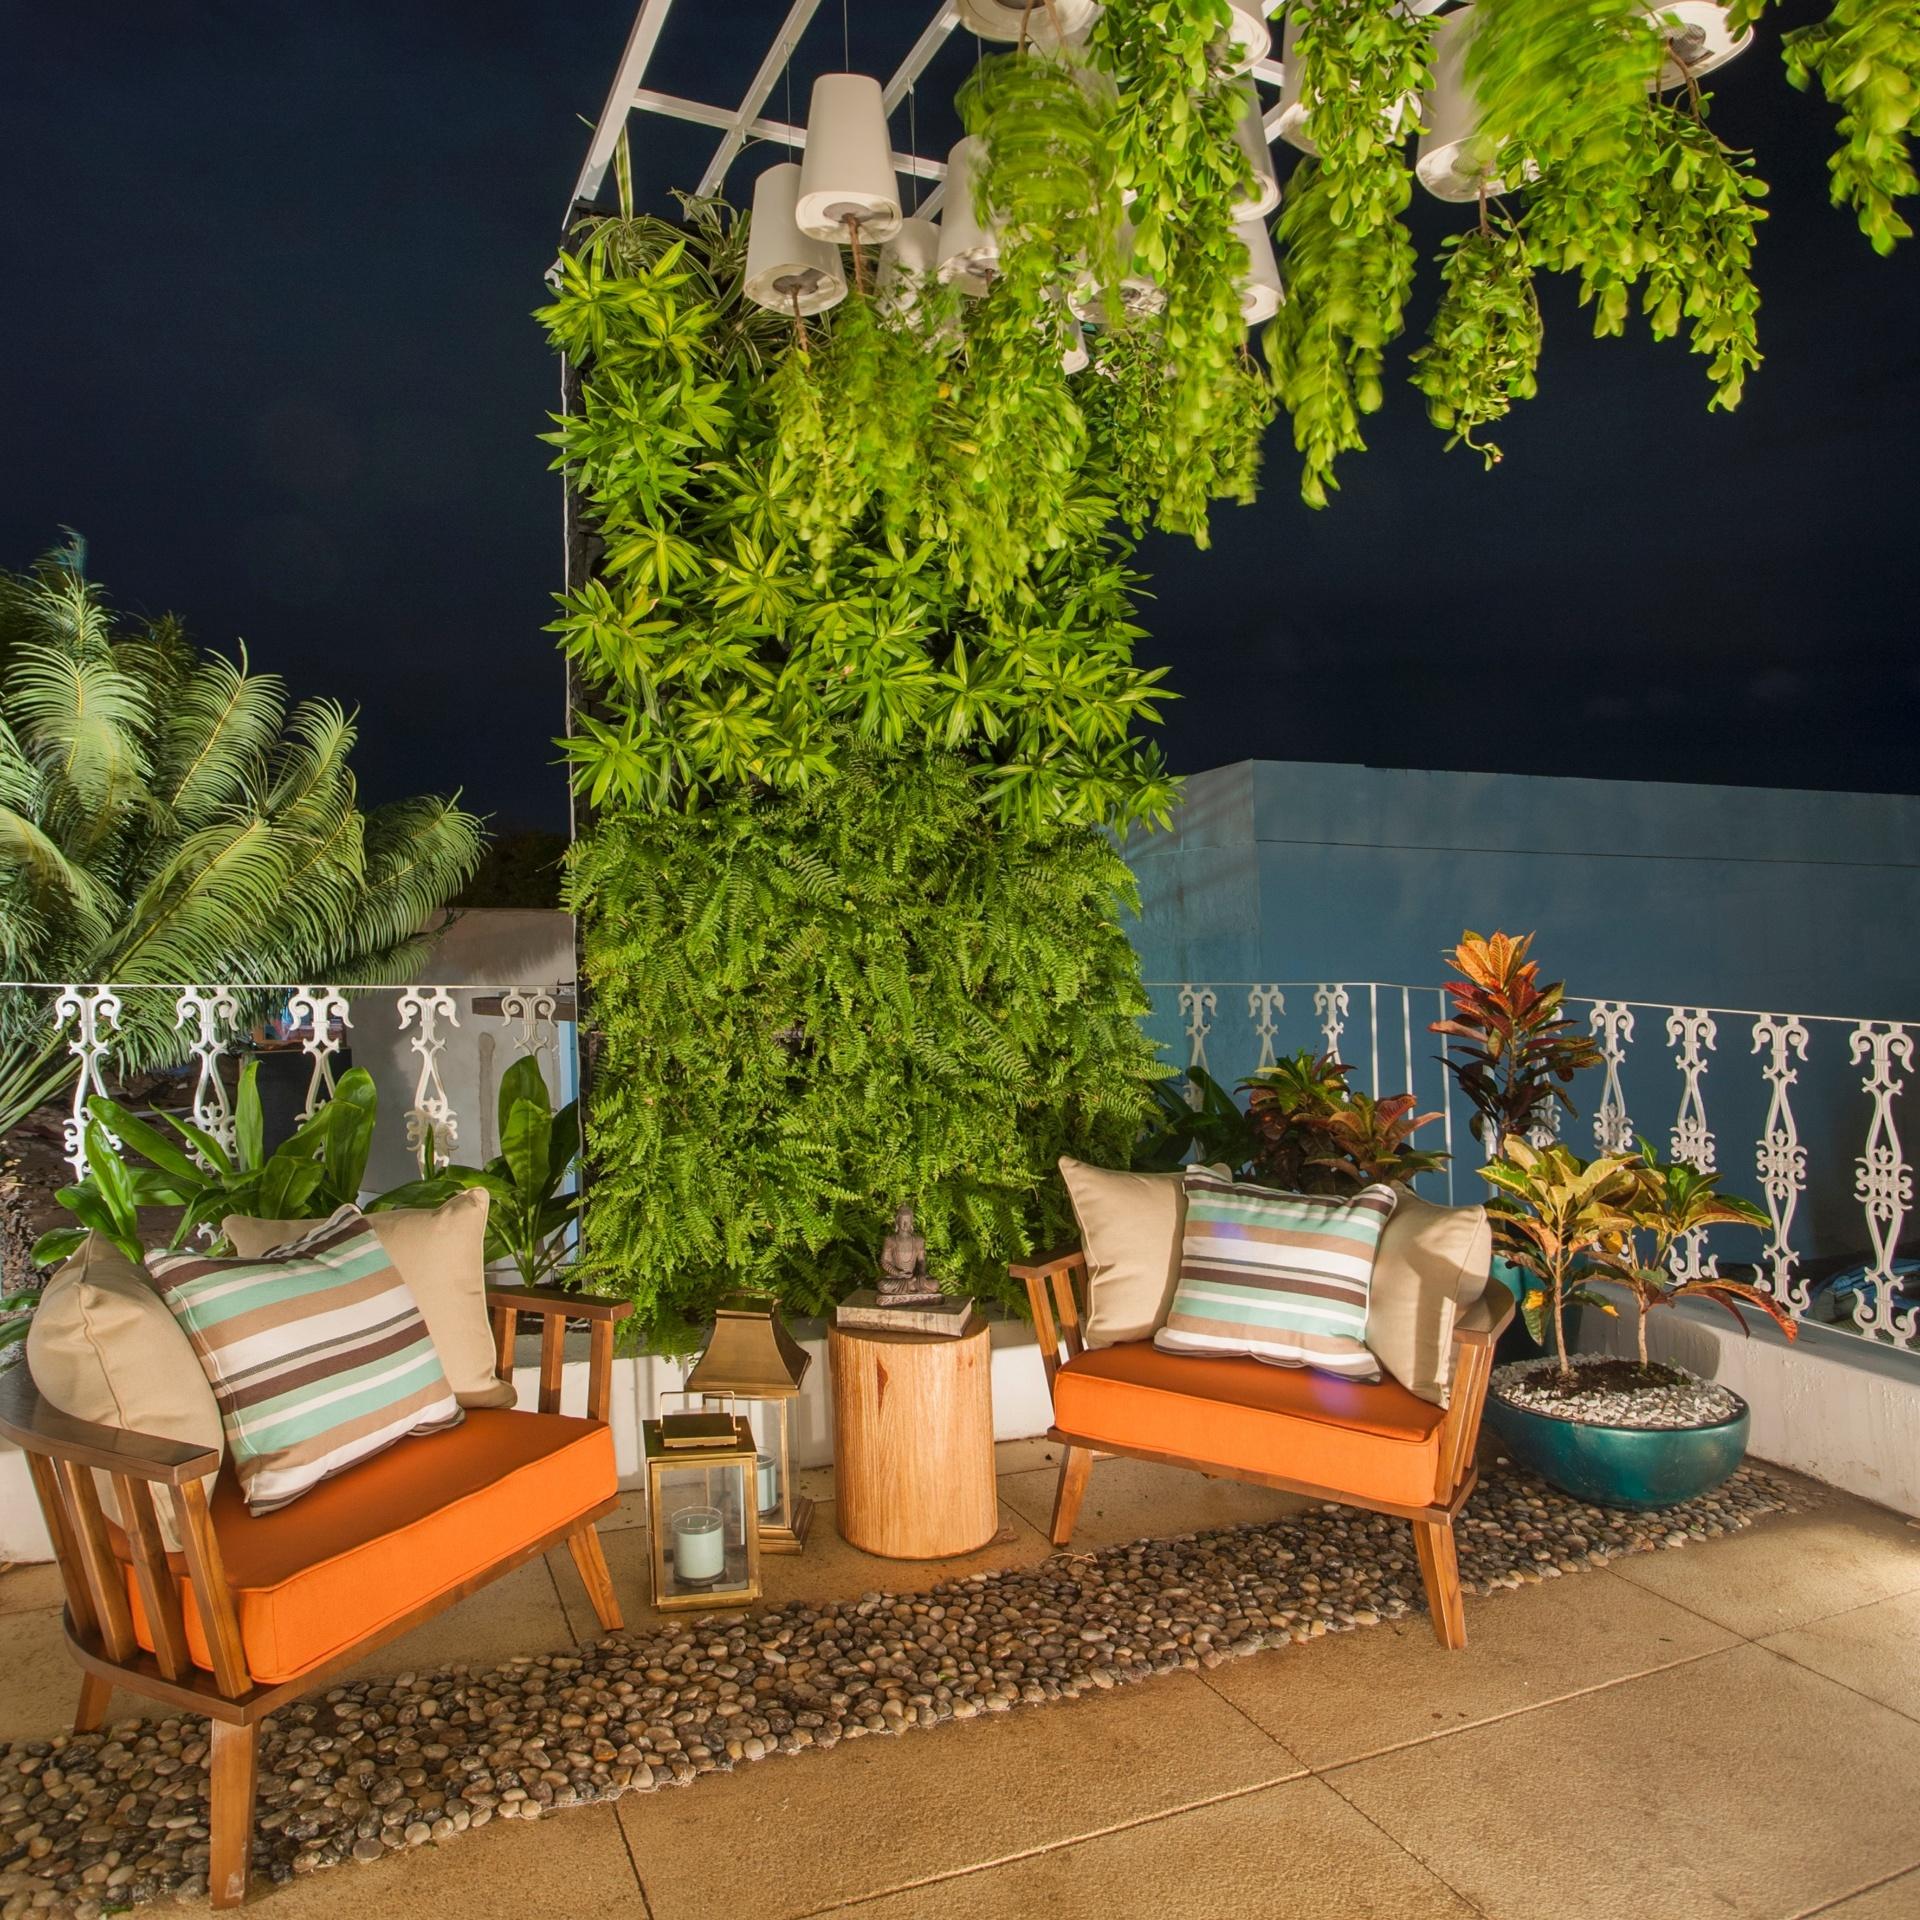 jardim vertical terraco: jardim vertical que se estende sobre uma área de convivência